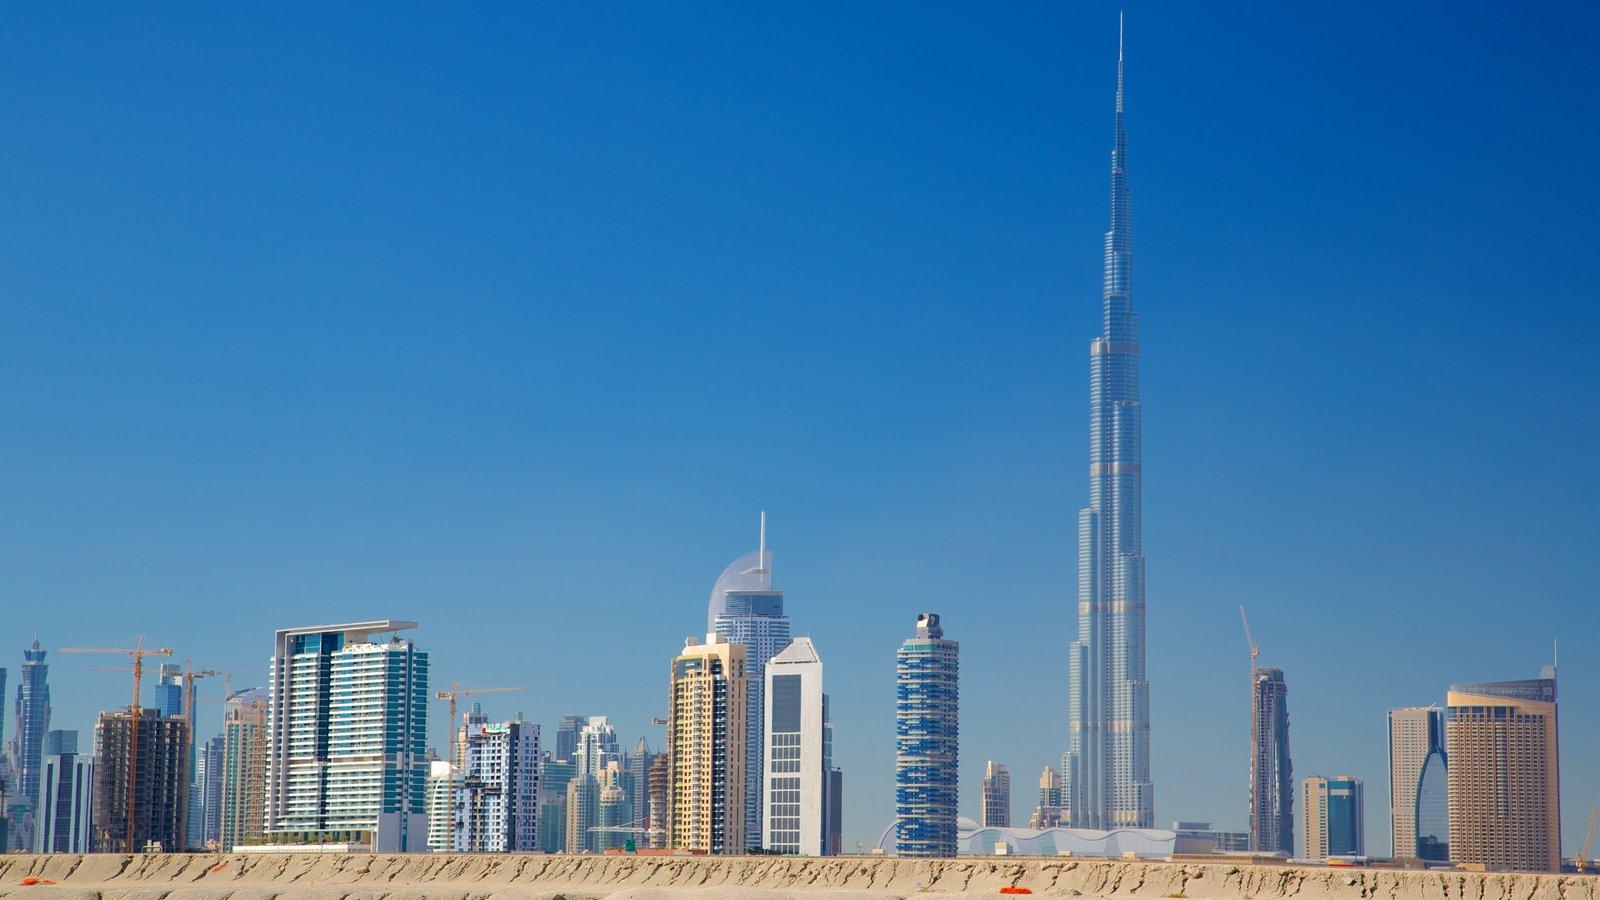 Burj Khalifa ofreciendo distrito financiero central, un edificio de gran altura y arquitectura moderna